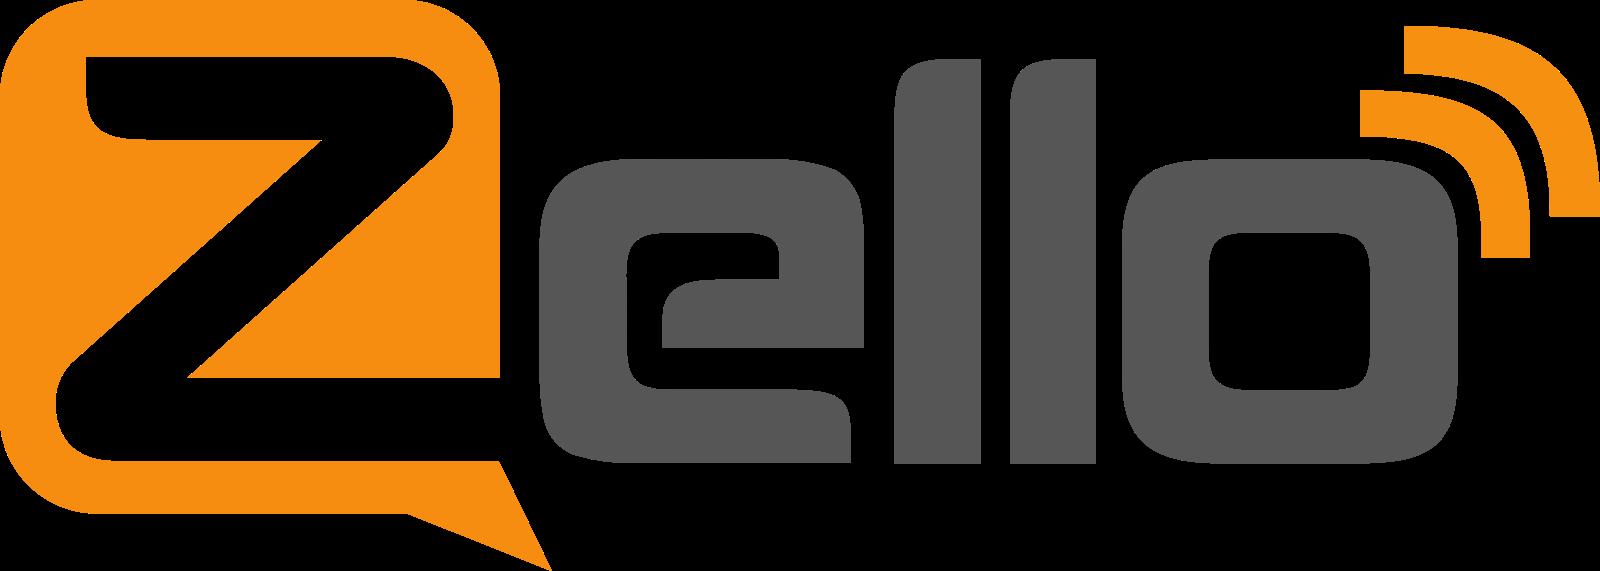 zello logo 4 - Zello Logo